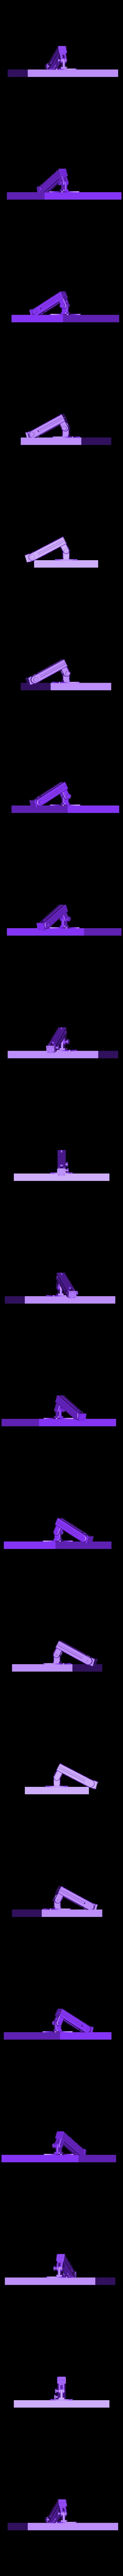 Assemblage Articulation.stl Download free STL file Motorhome TV support • 3D print design, Ldom21